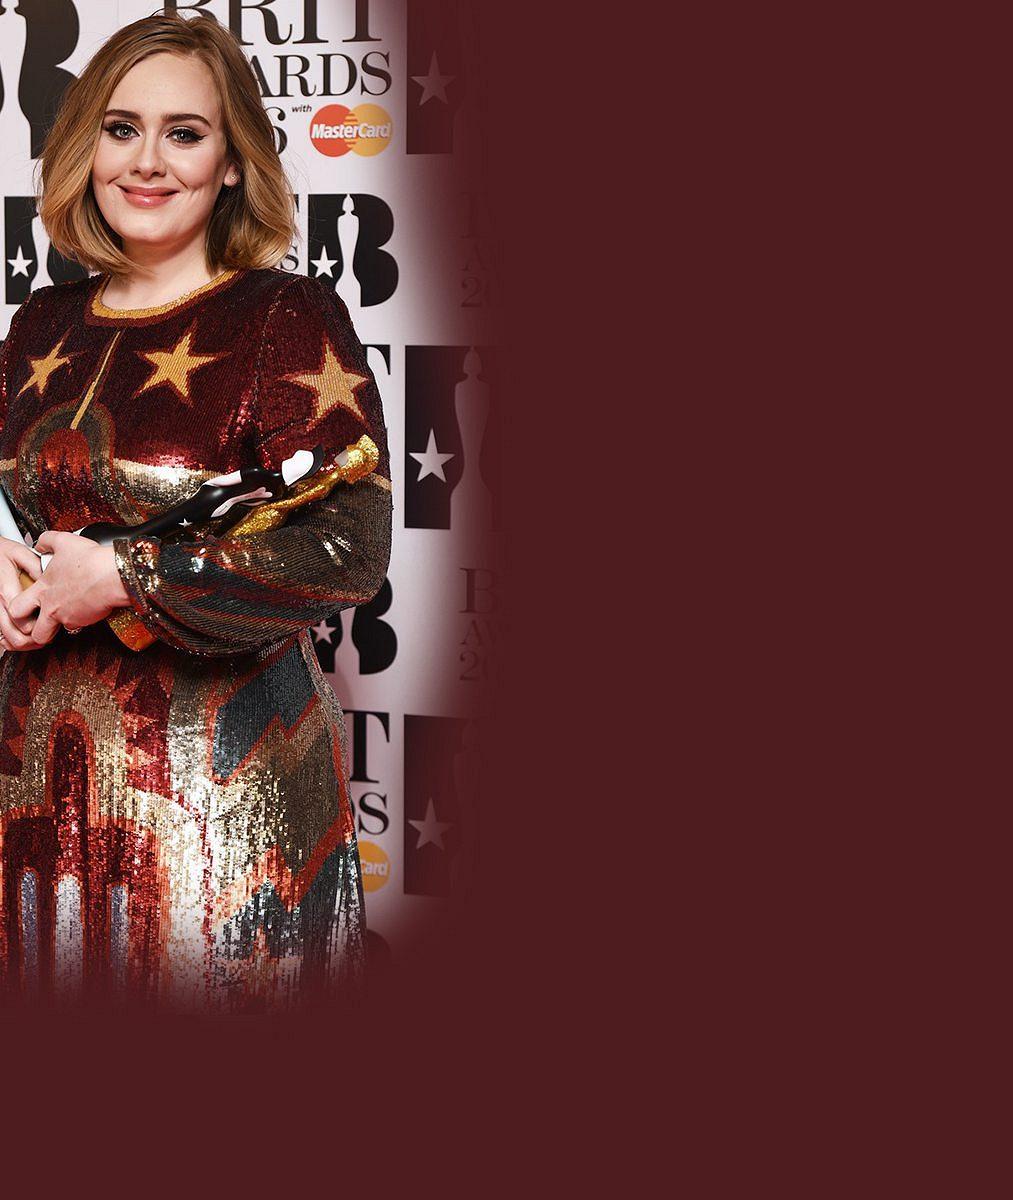 Kdepak 20kilo dole: Zpěvačka Adele se pochlubila, kolik celkově zhubla od rozchodu smanželem. To budete koukat!